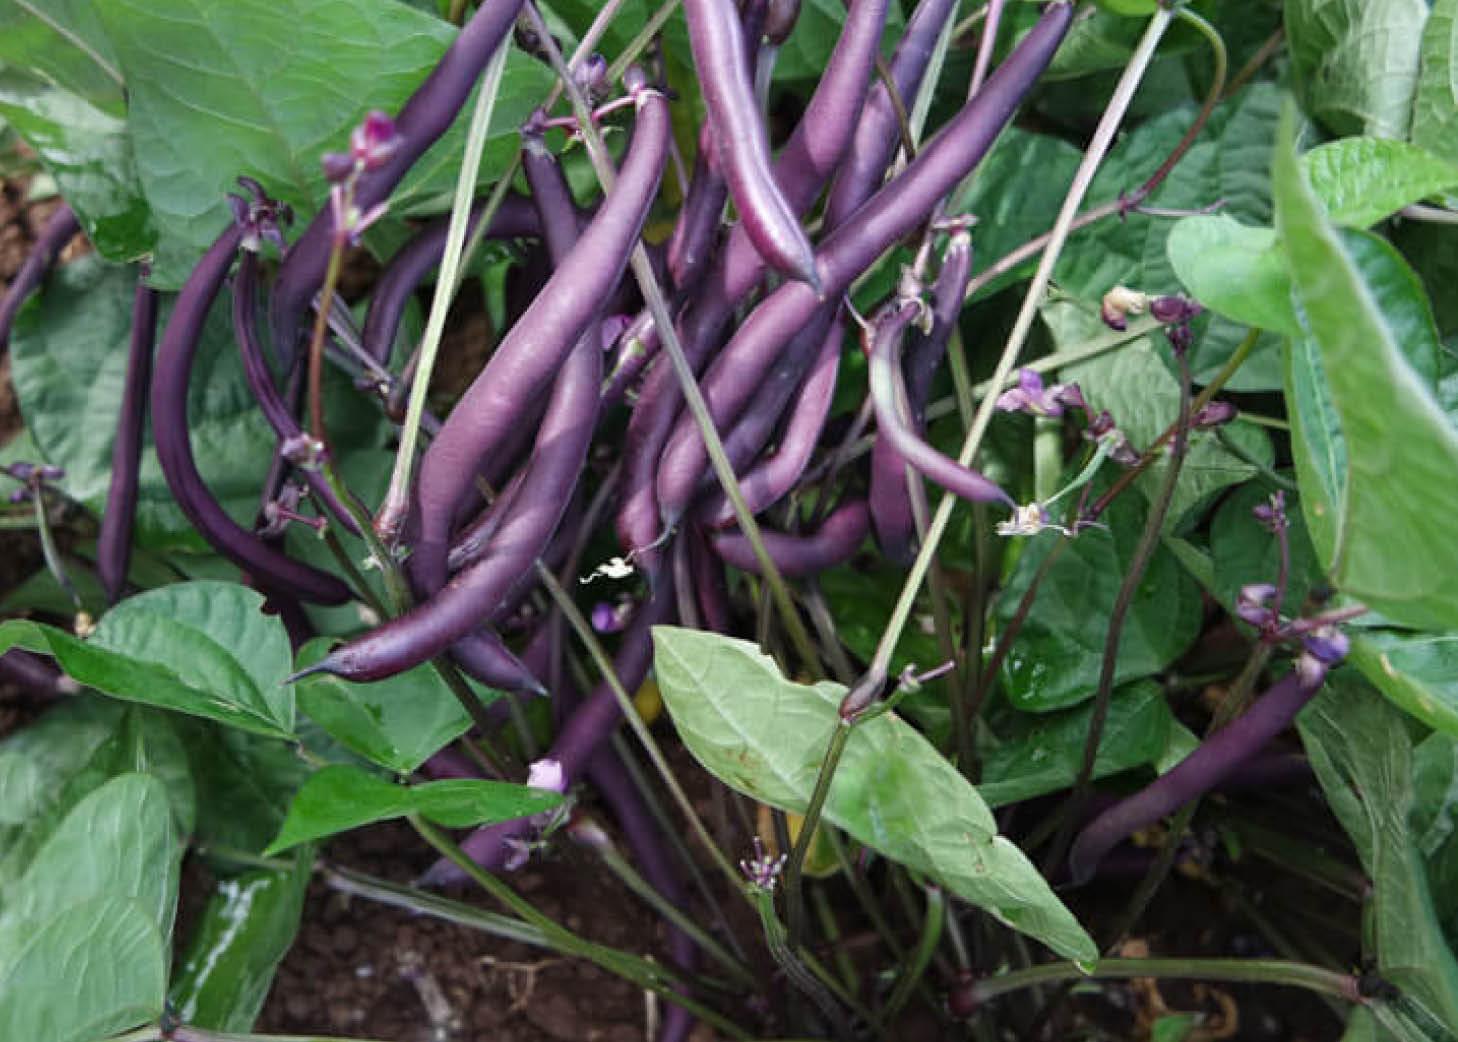 Robert's Royalty Beans Small House Farm